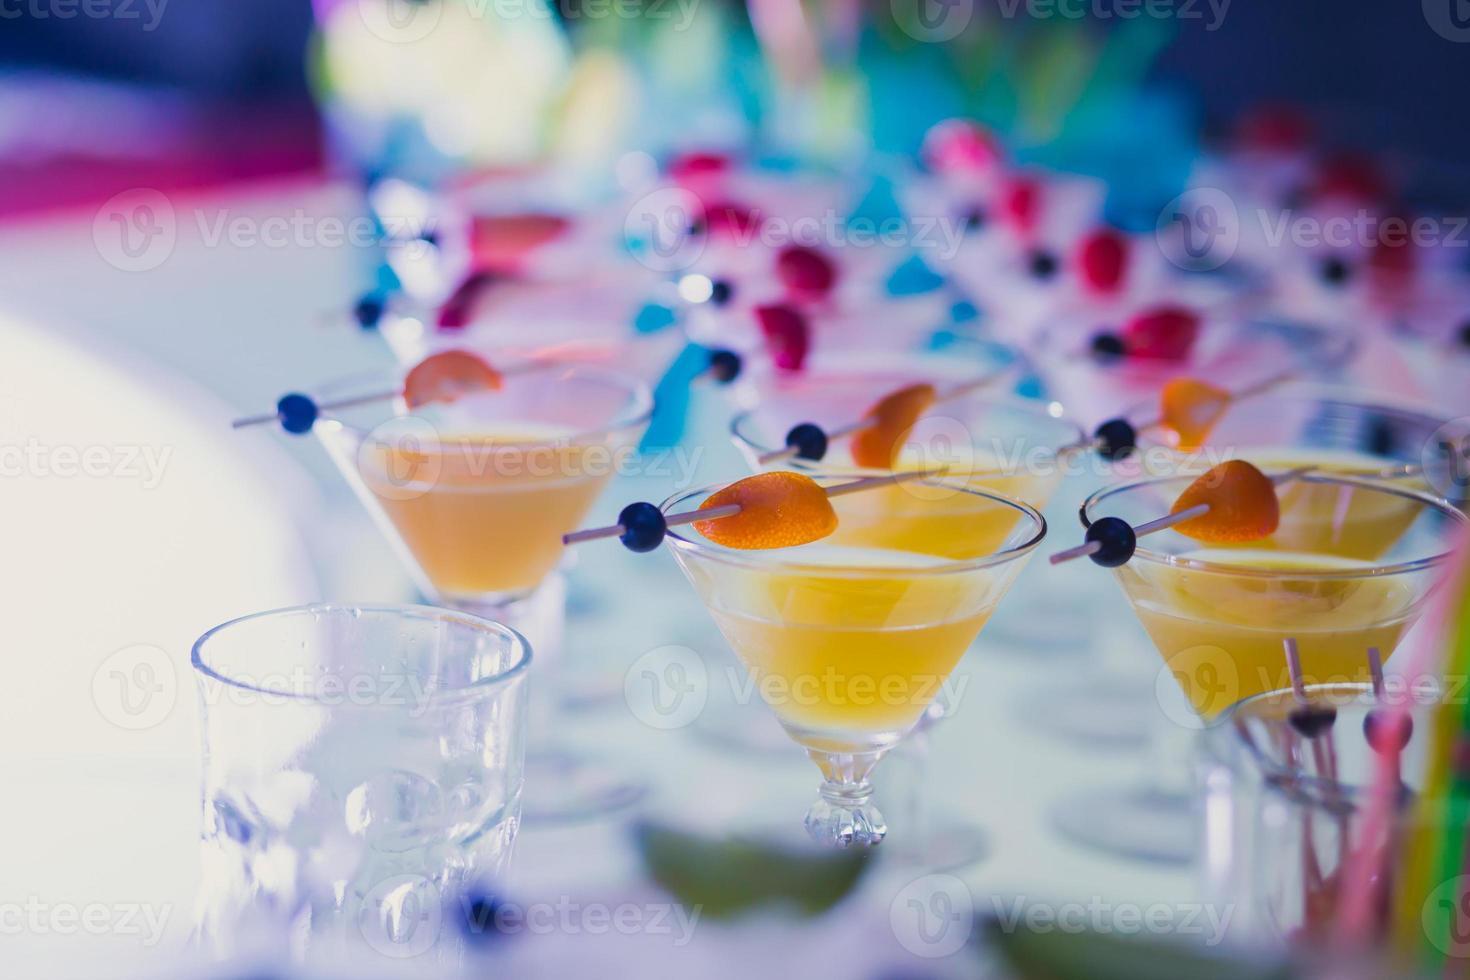 Reihe von verschiedenen Alkohol-Cocktails auf Event Open-Air-Nachtparty foto